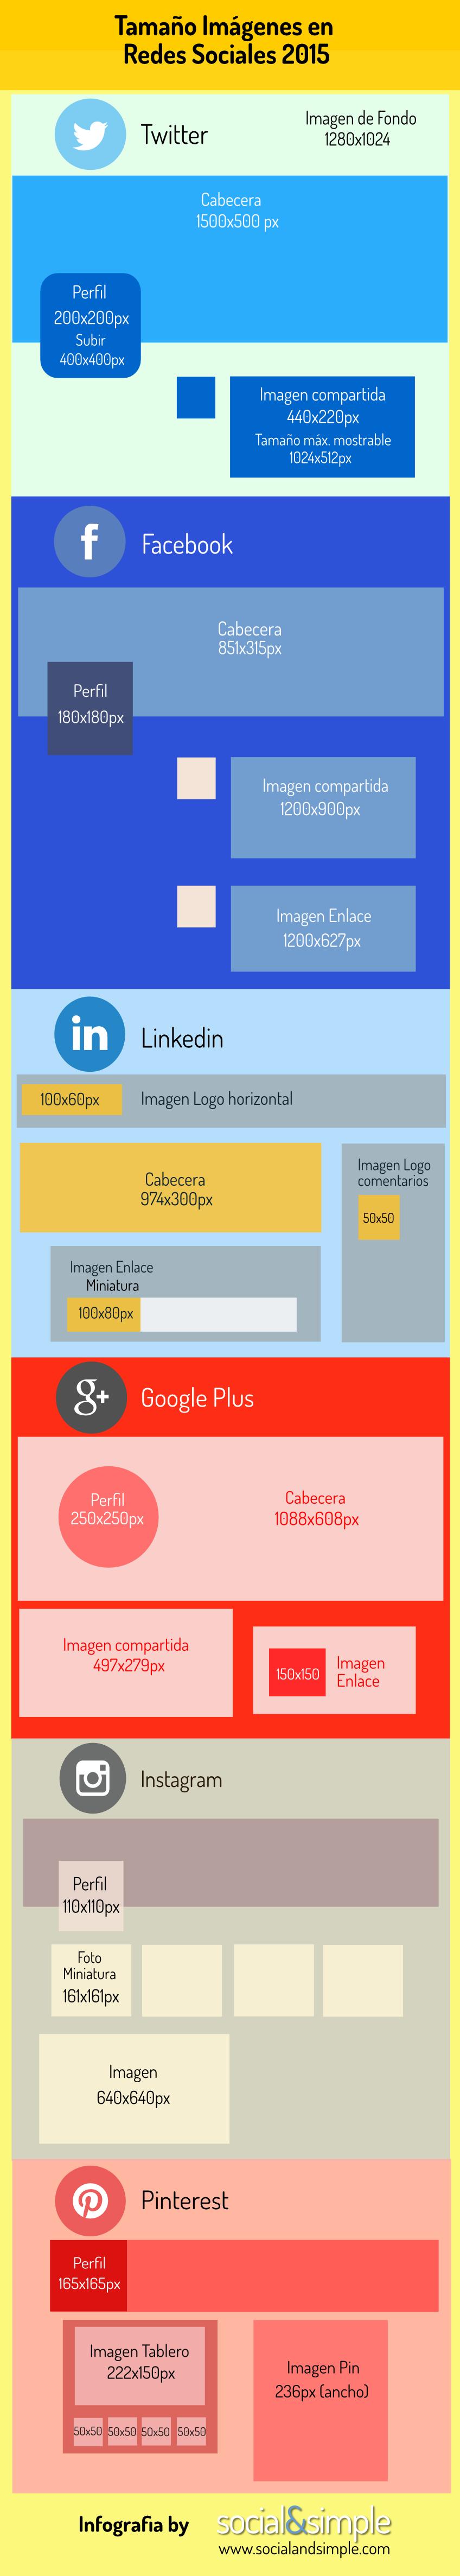 Tamaños de las imágenes en Redes Sociales 2015